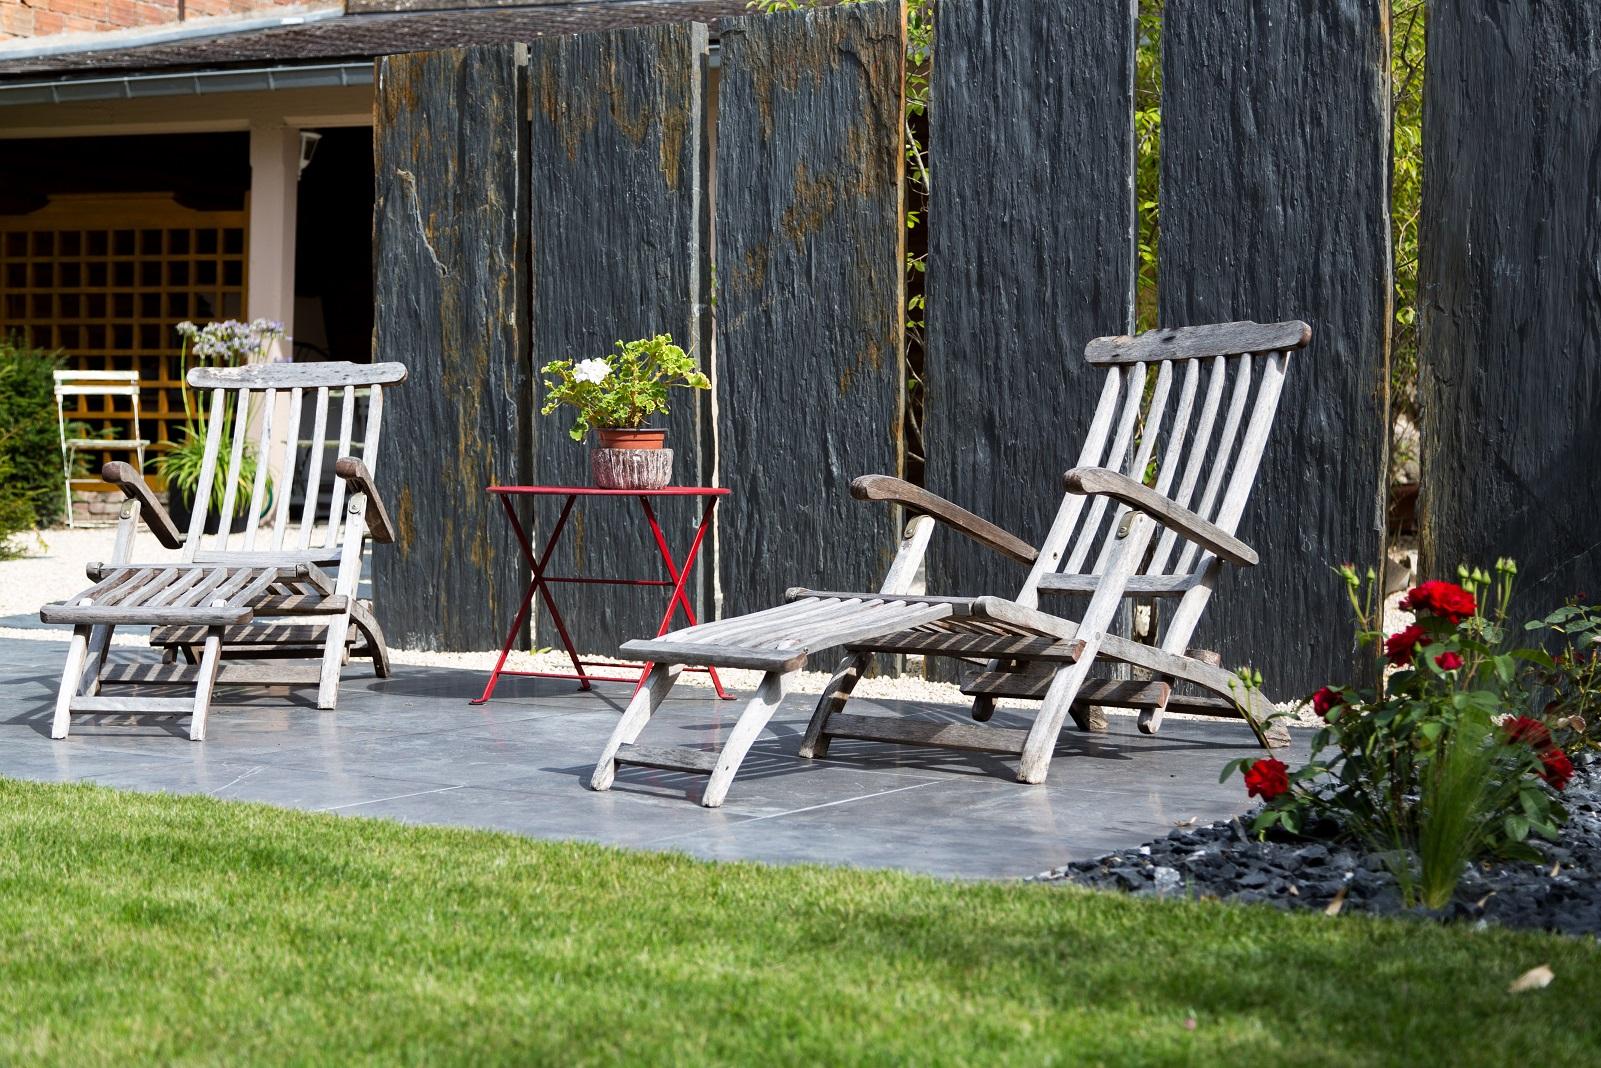 Décoration extérieure, mobilier de jardin et poteries